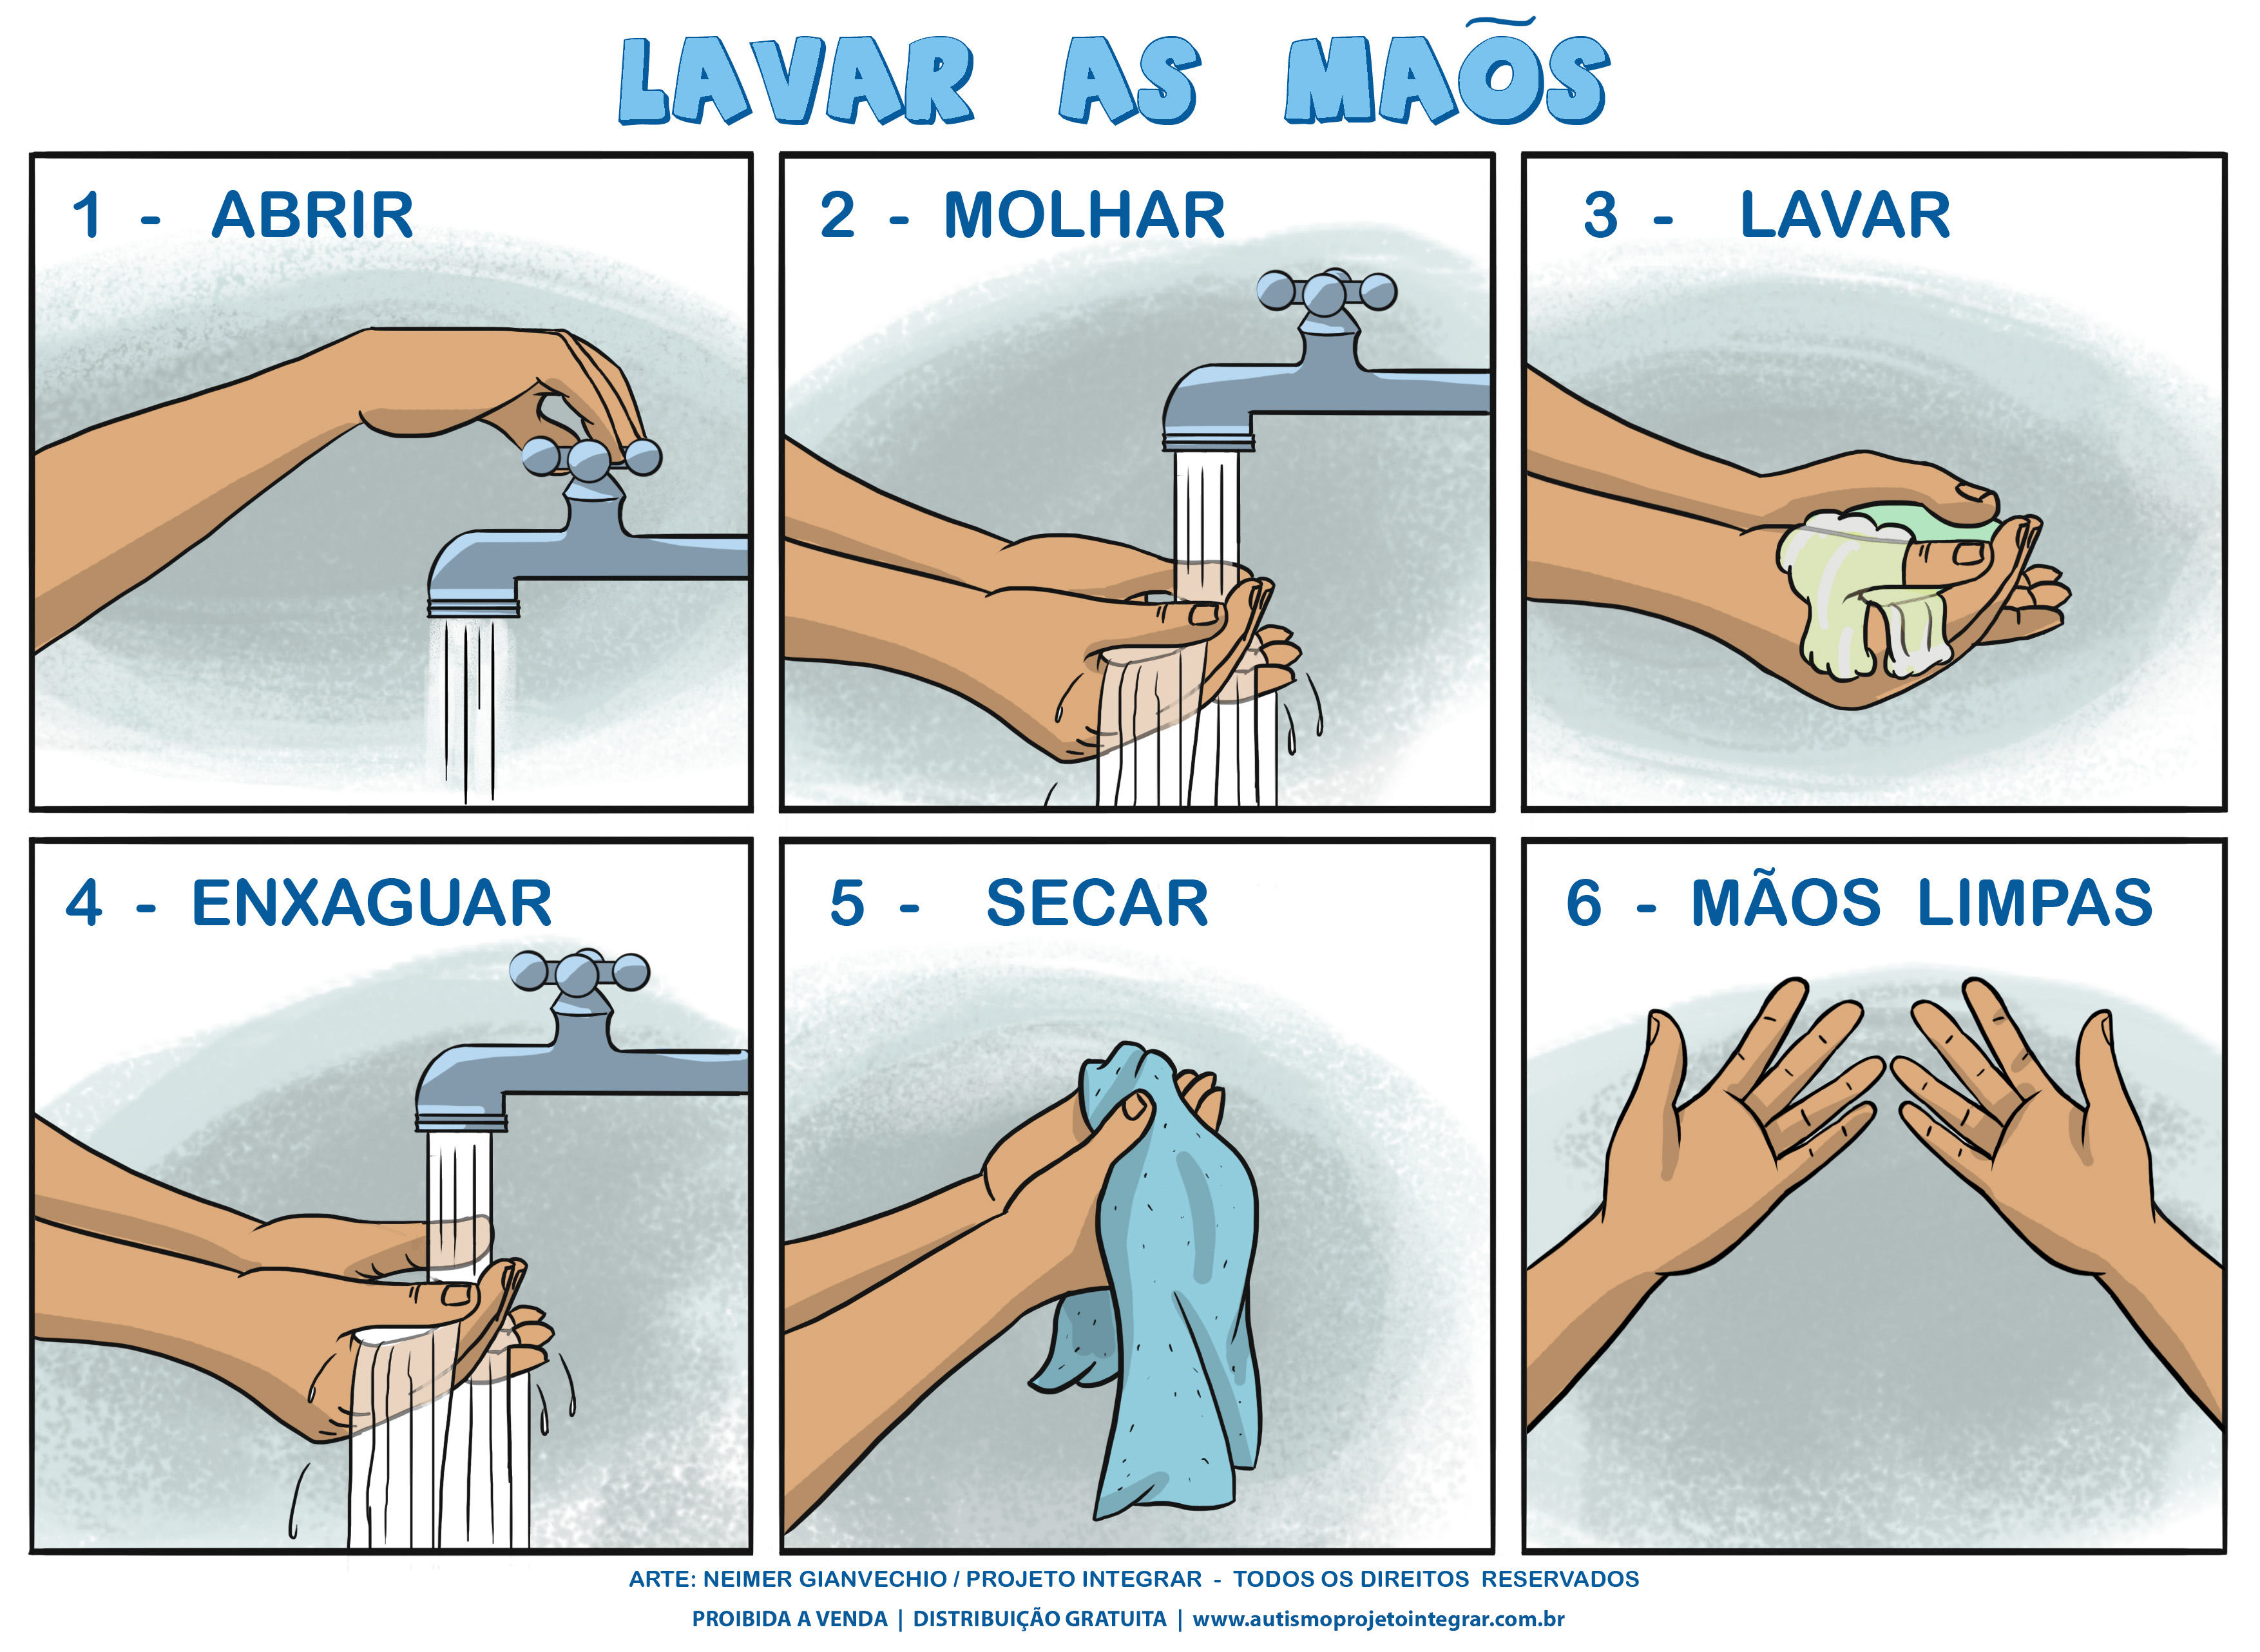 a-lavar-as-maos